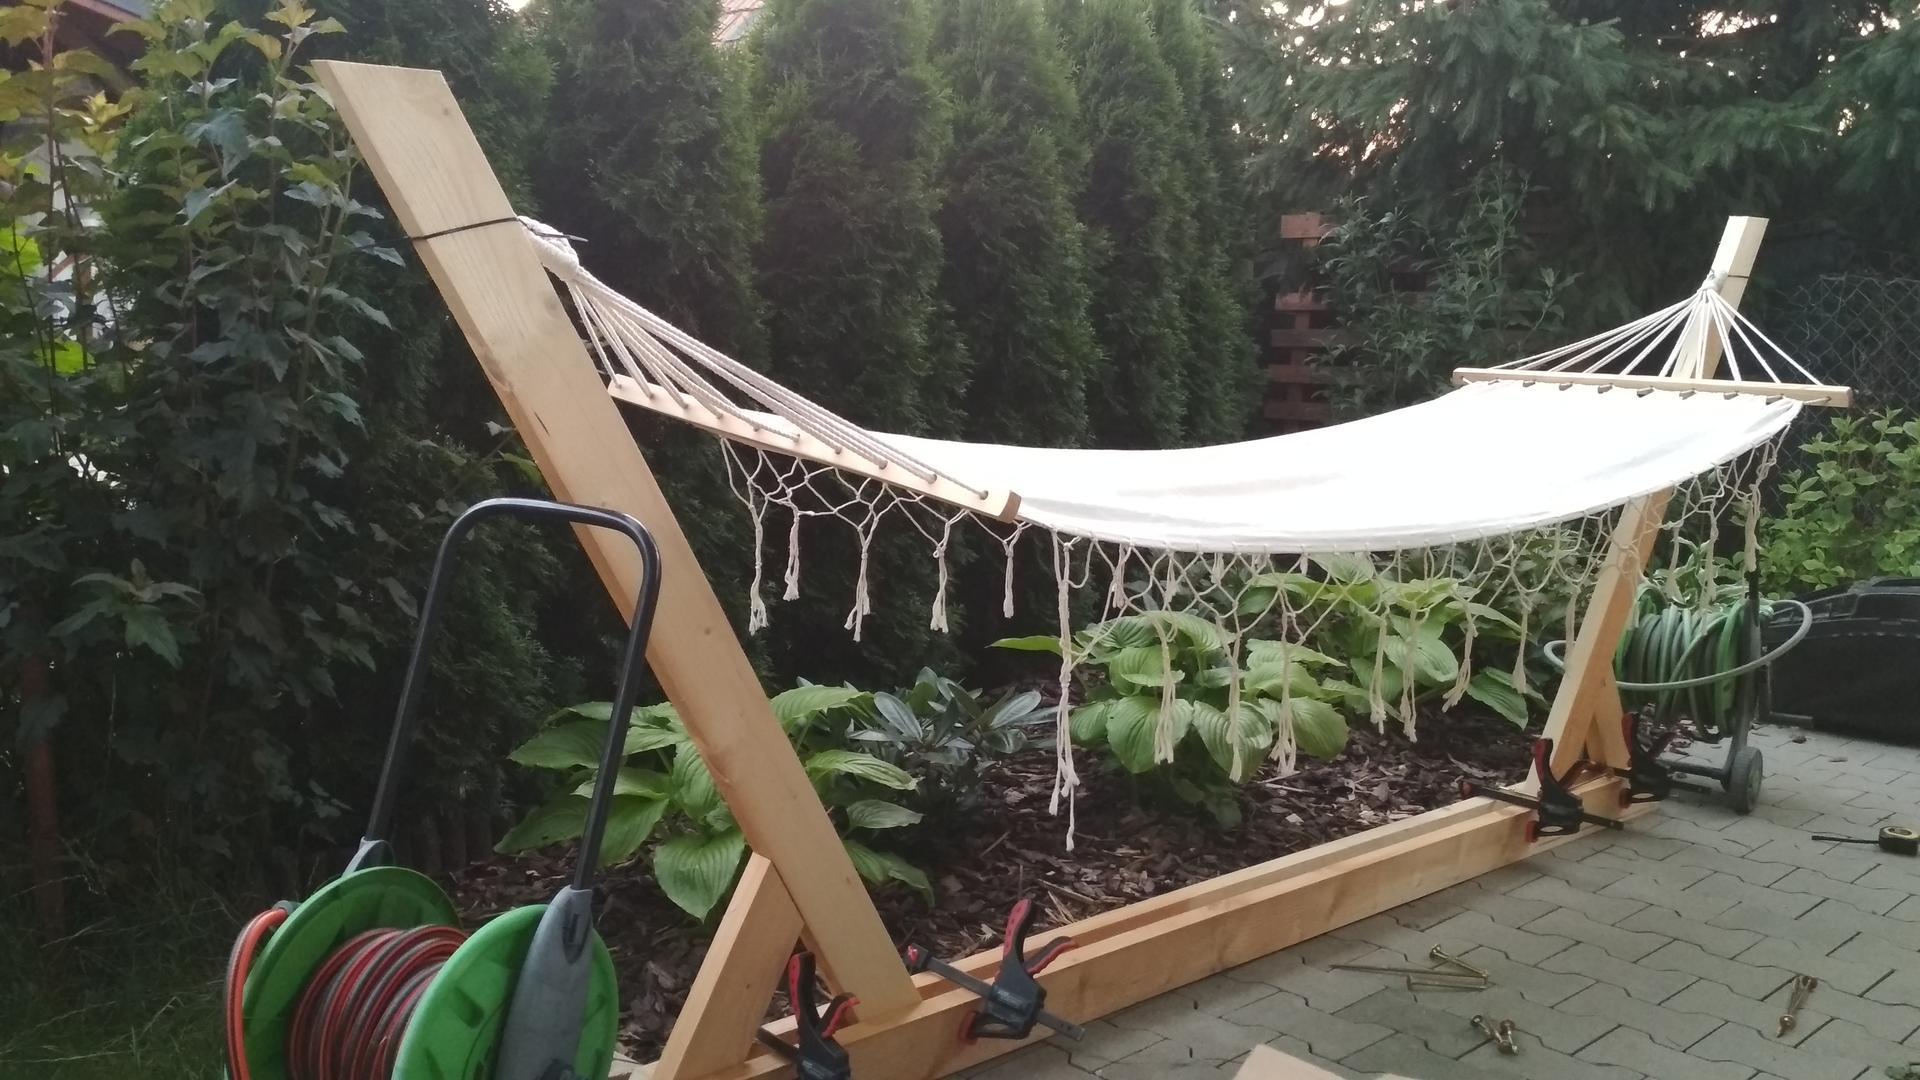 Drevený stojan na hojdaciu sieť... relax v záhrade - Obrázok č. 7